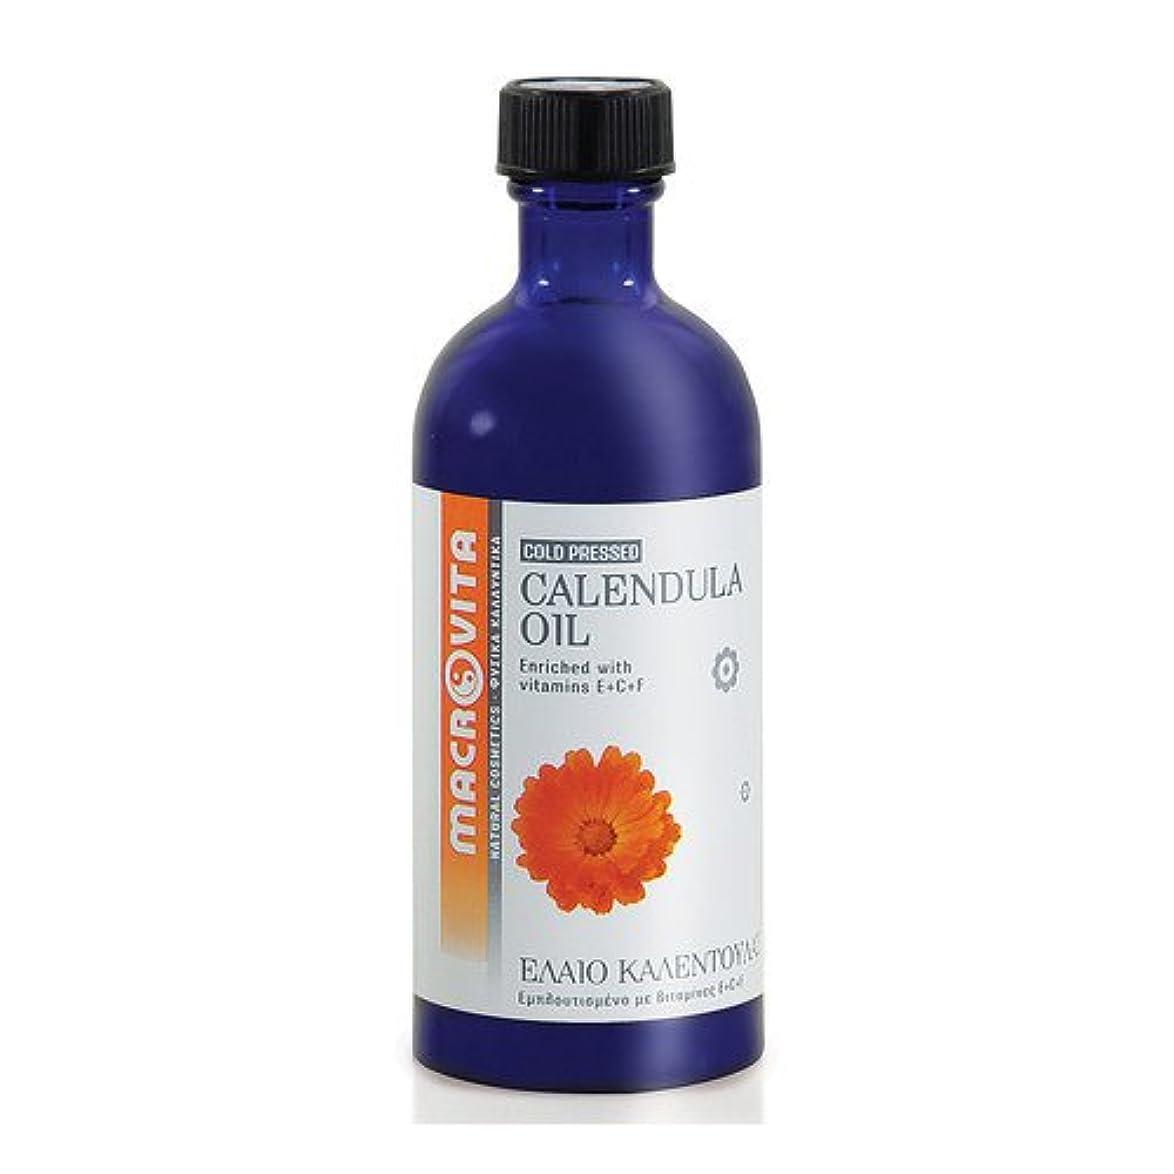 腹痛修正負担マクロビータ カレンデュラオイル 100ml ギリシャ自然派化粧品コスメオイル (天然成分100%)